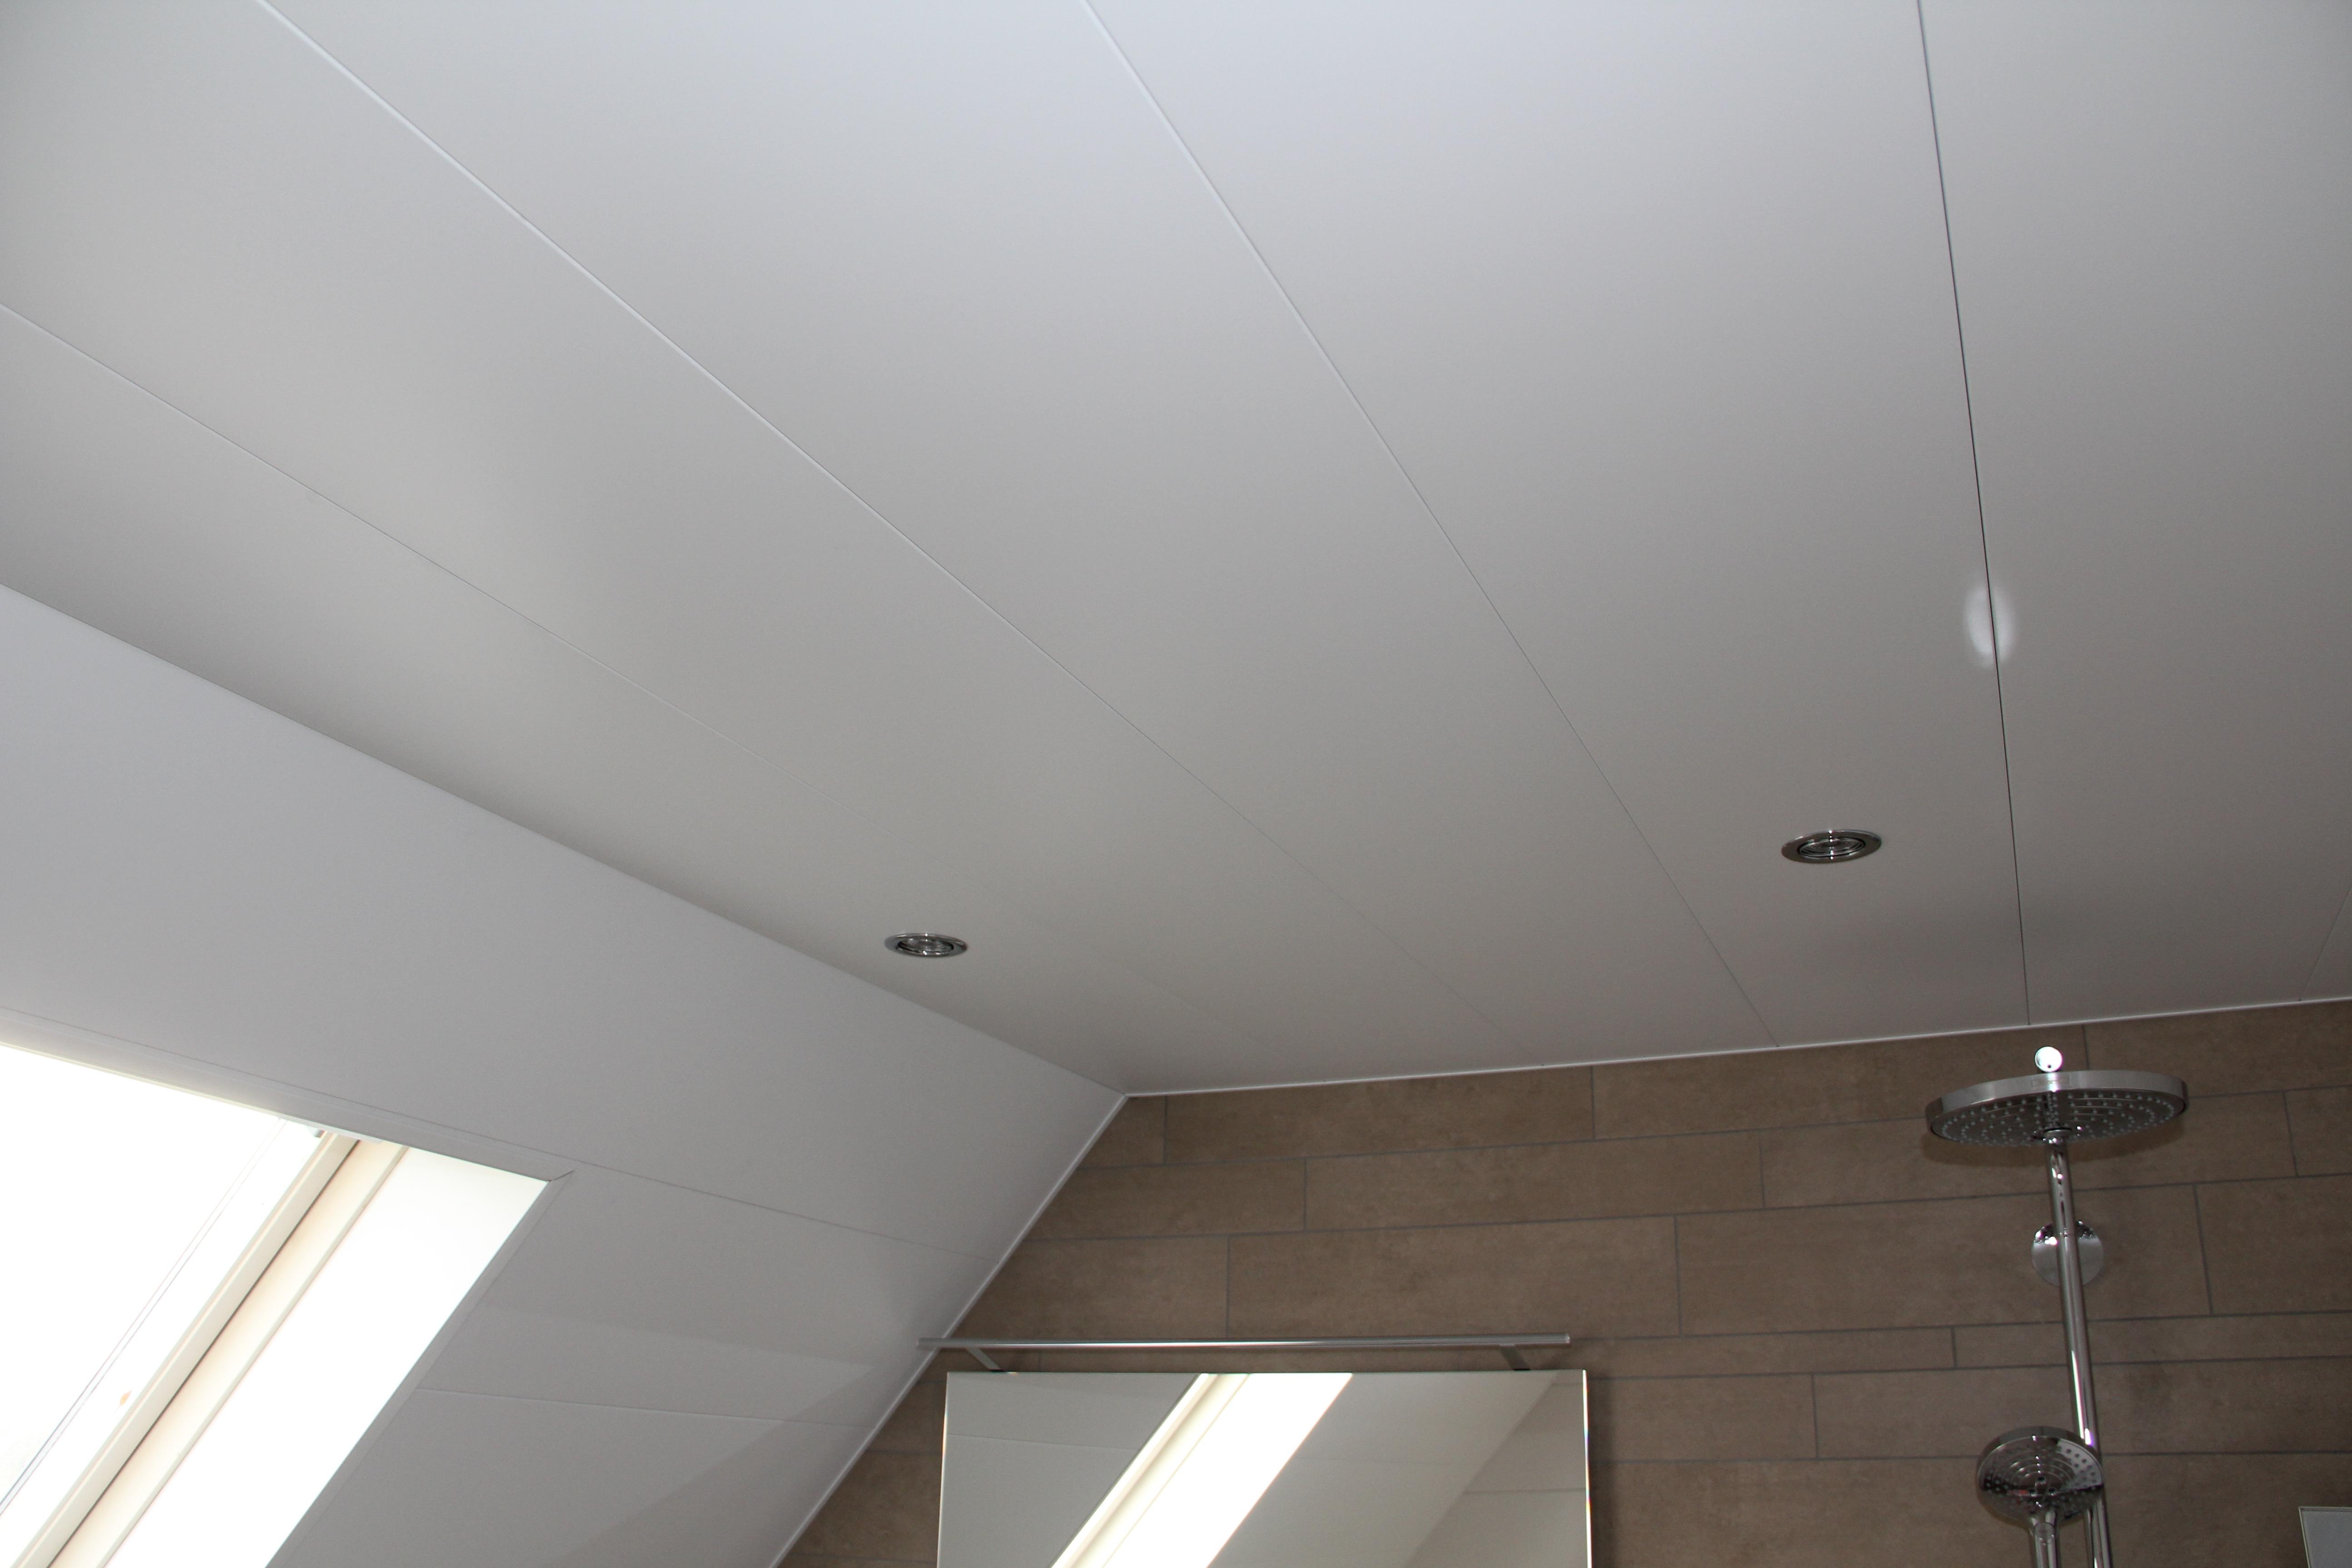 Badkamer lunteren met schuine kap - Wiesenekker Badkamerconcepten